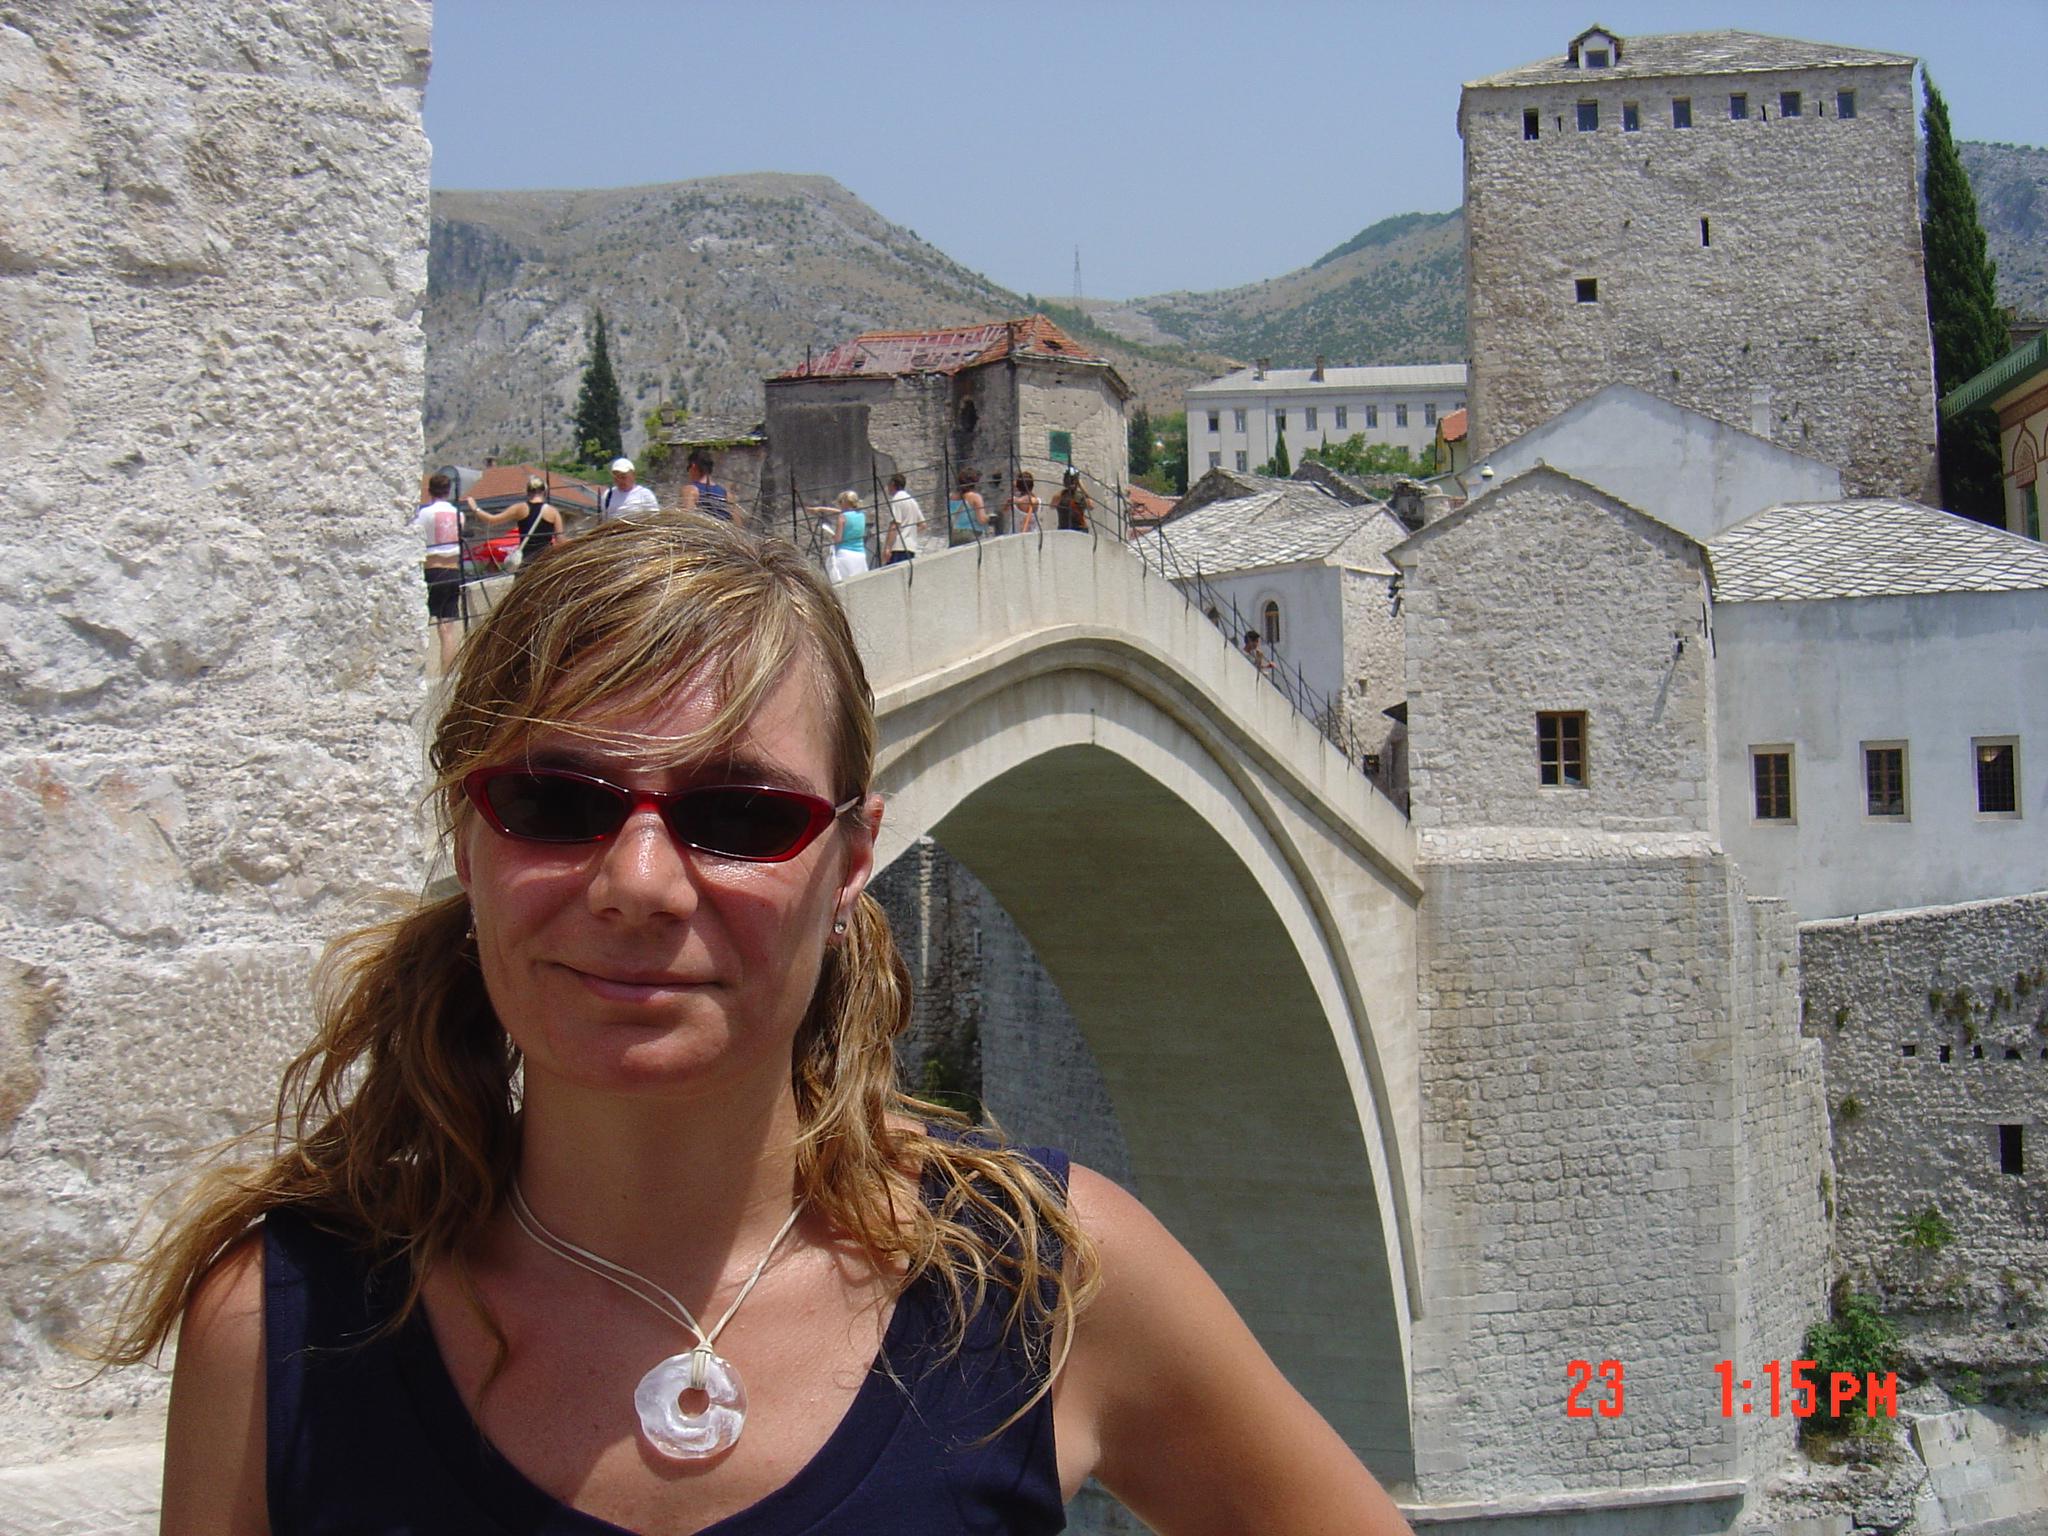 viatge-croacia-07-043.jpg